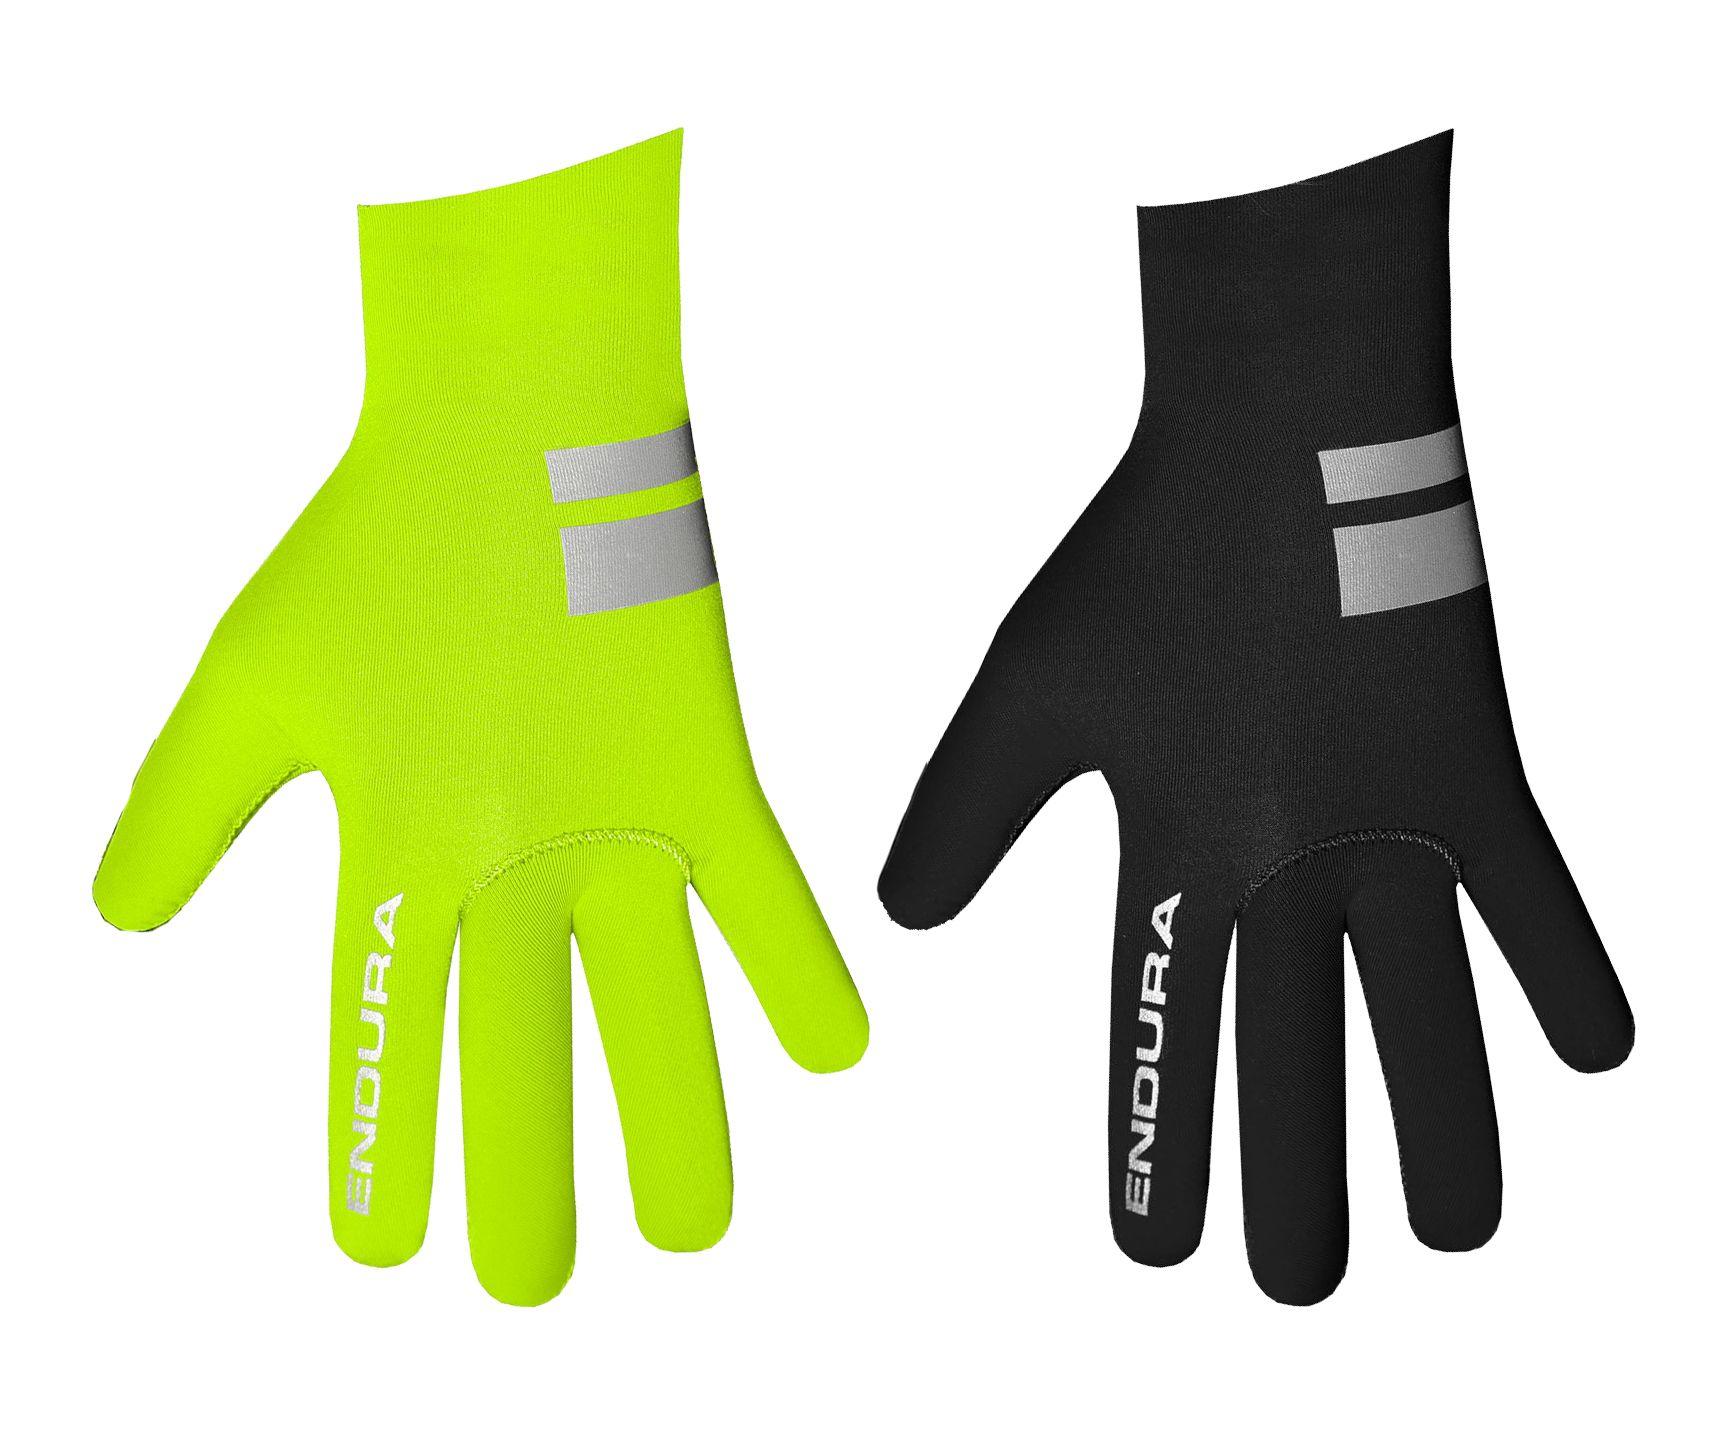 Endura Fs260-pro Nemo Gloves 2 2020 | Gloves